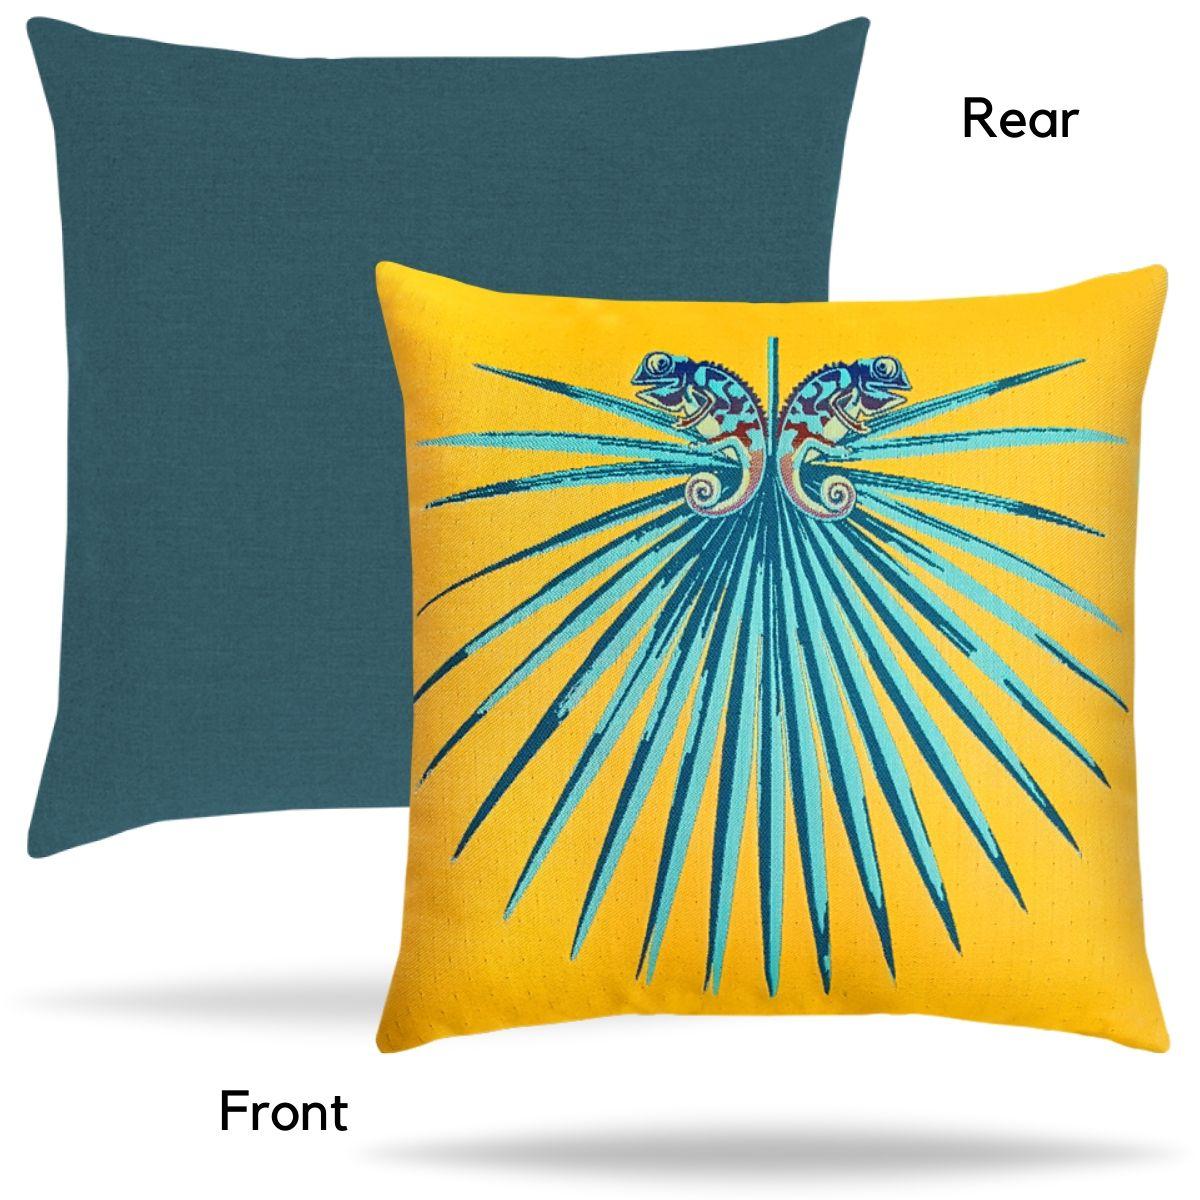 chameleon-elaine-smith pillow sides lagoon